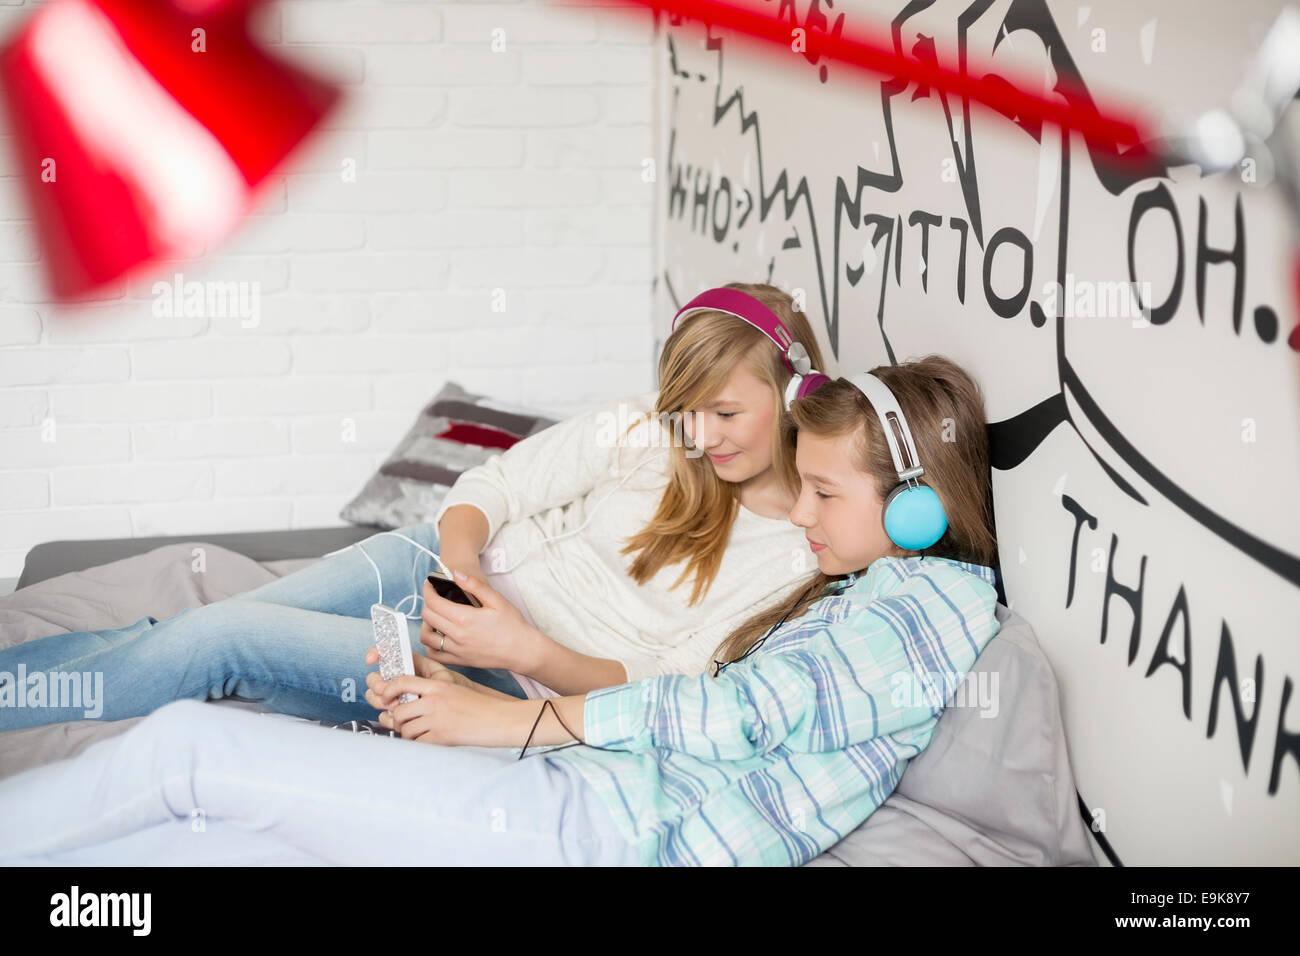 Entspannte Schwestern Musikhören zu Hause Stockfoto